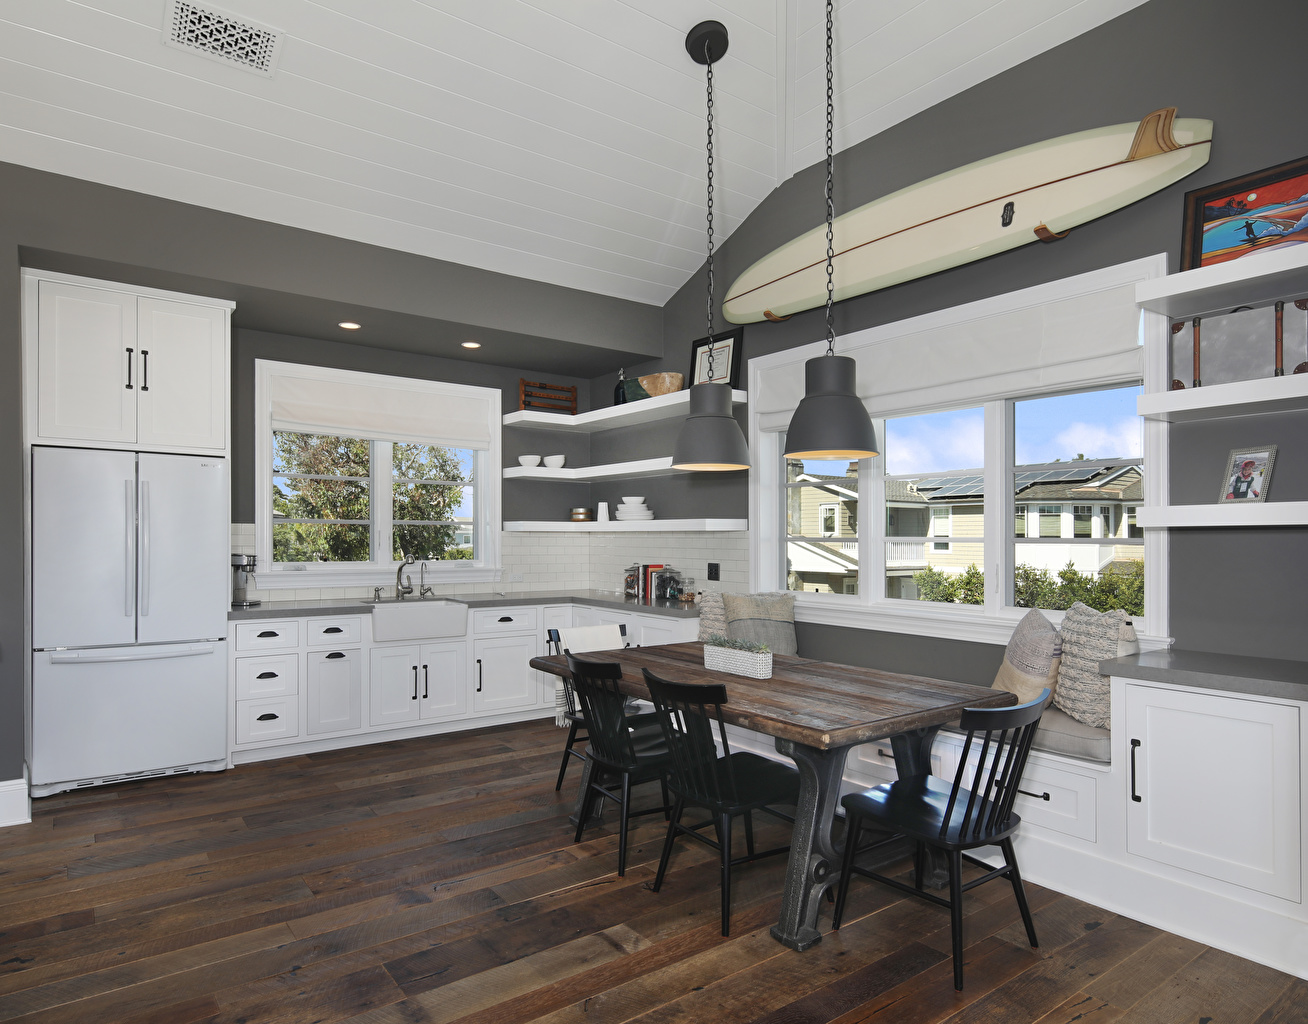 Fotos Küche Innenarchitektur Stuhl Tisch Design Stühle